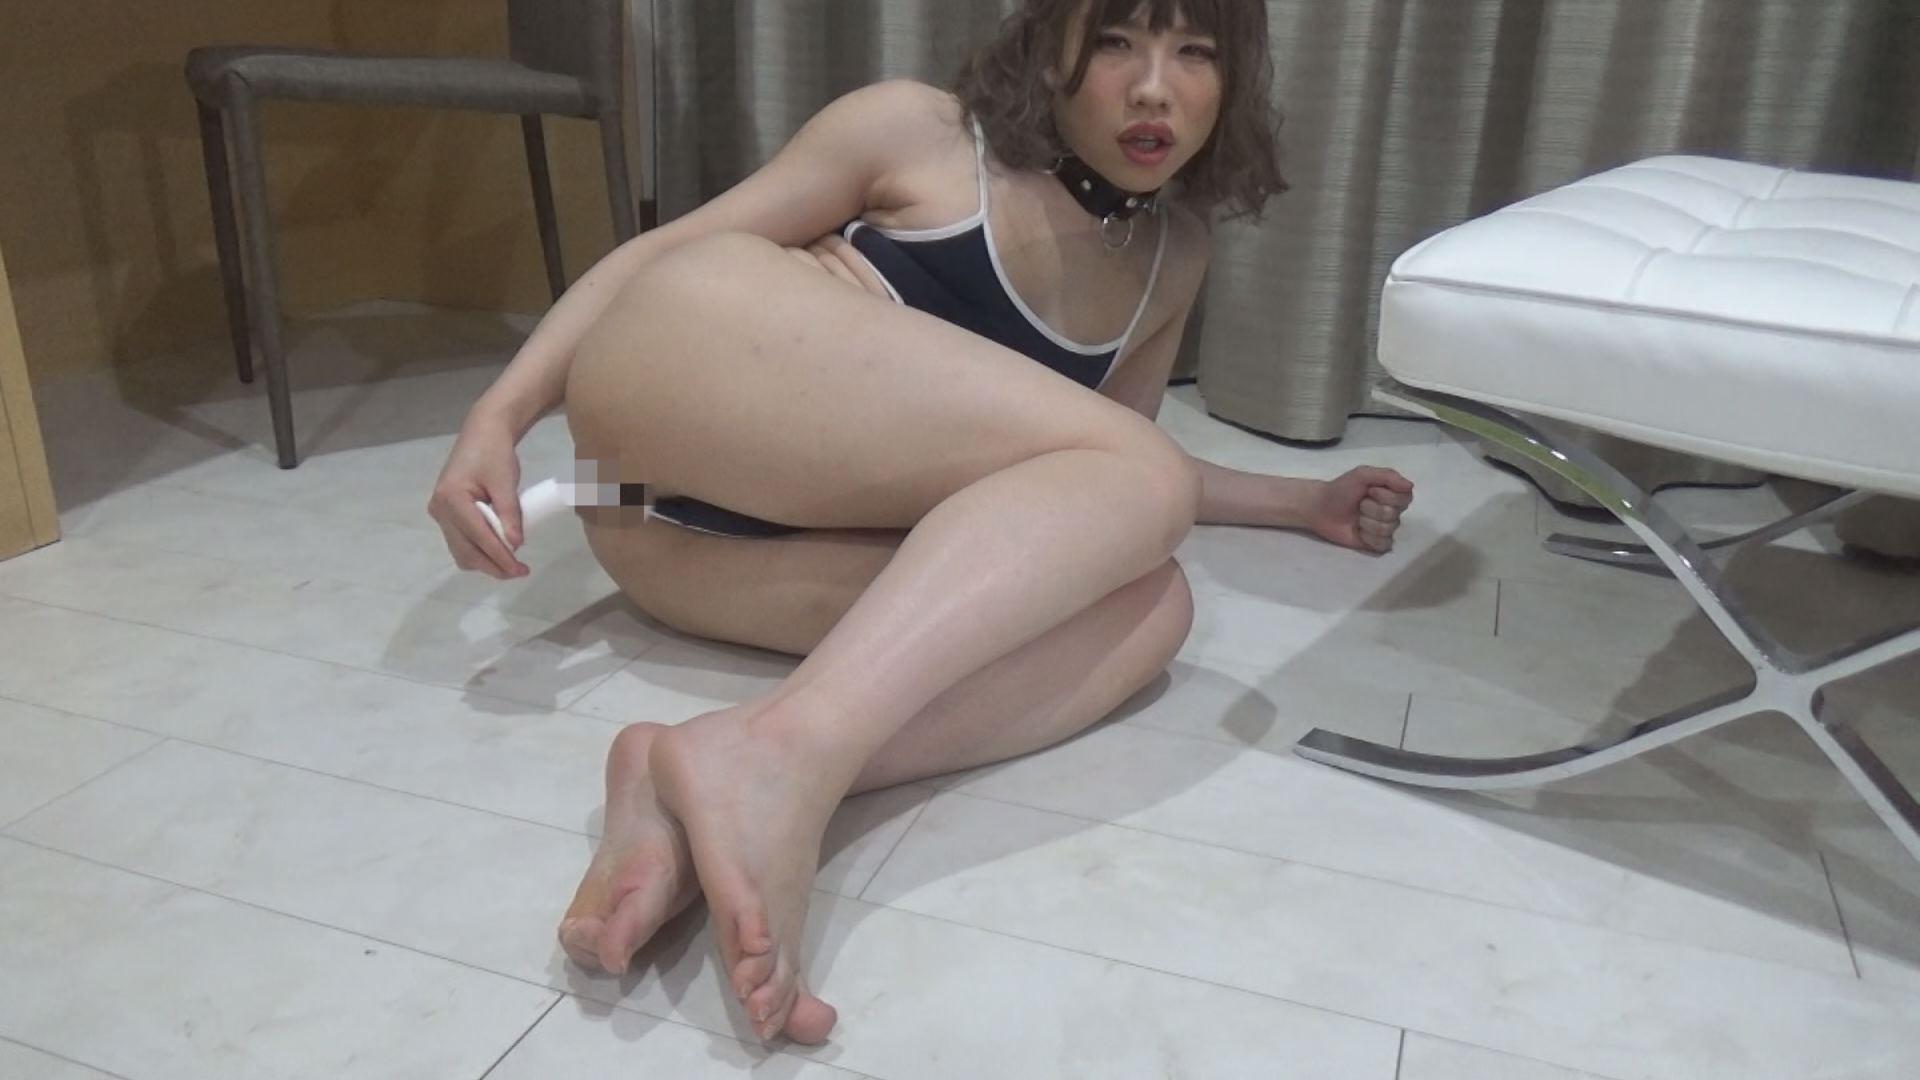 カチクオトコノコ 6 変態女装マゾ なる 画像4